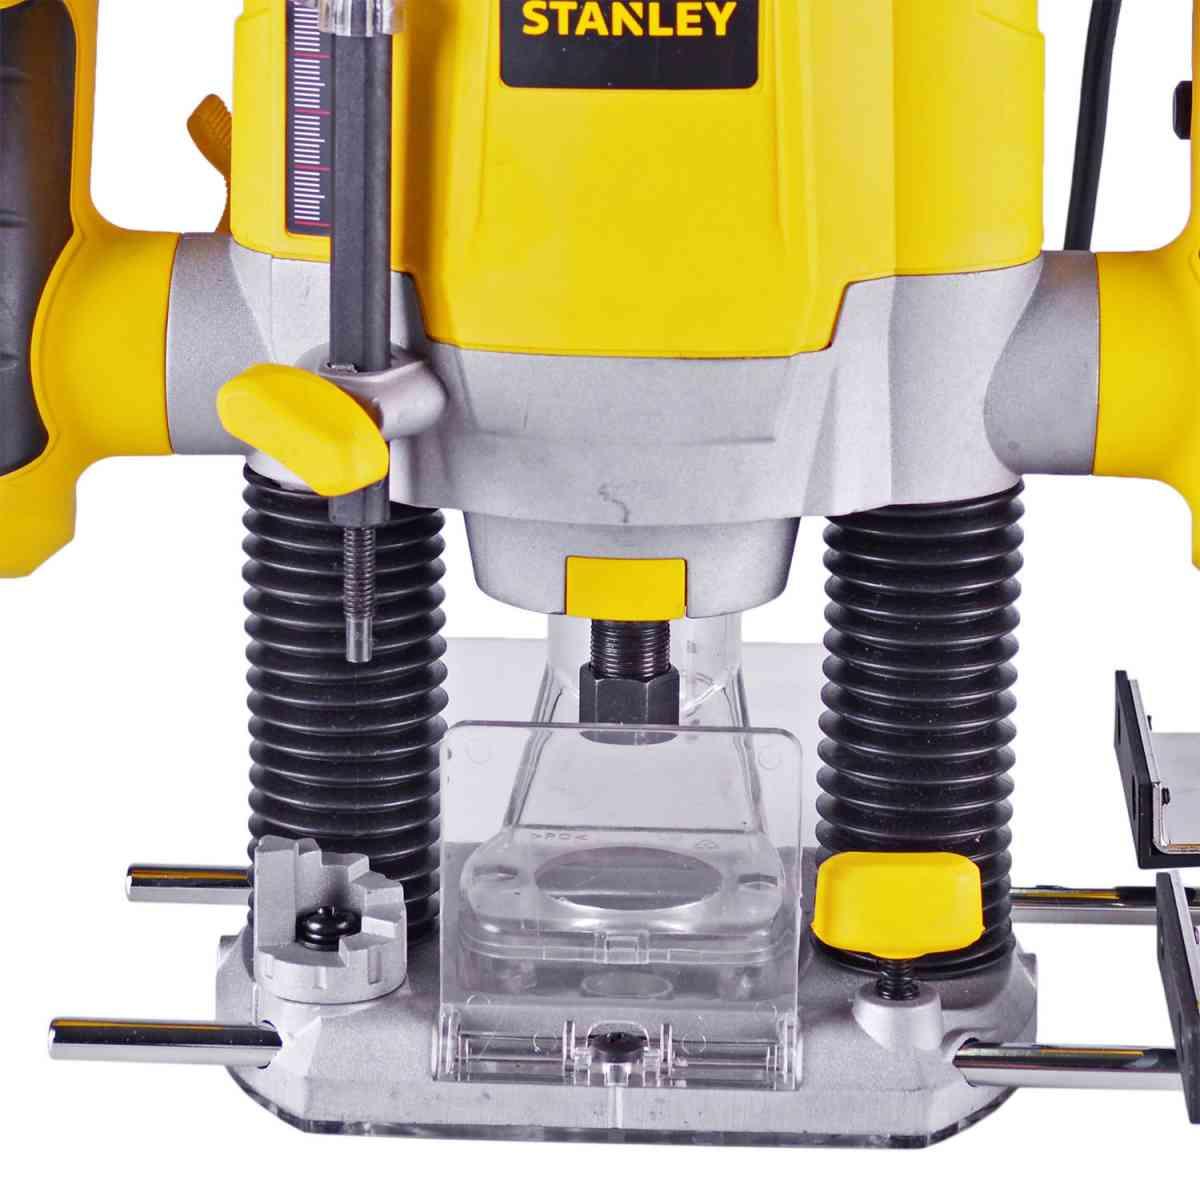 Tupia Elétrica de Coluna com 6 Fresas SRR1200BR Stanley 127V